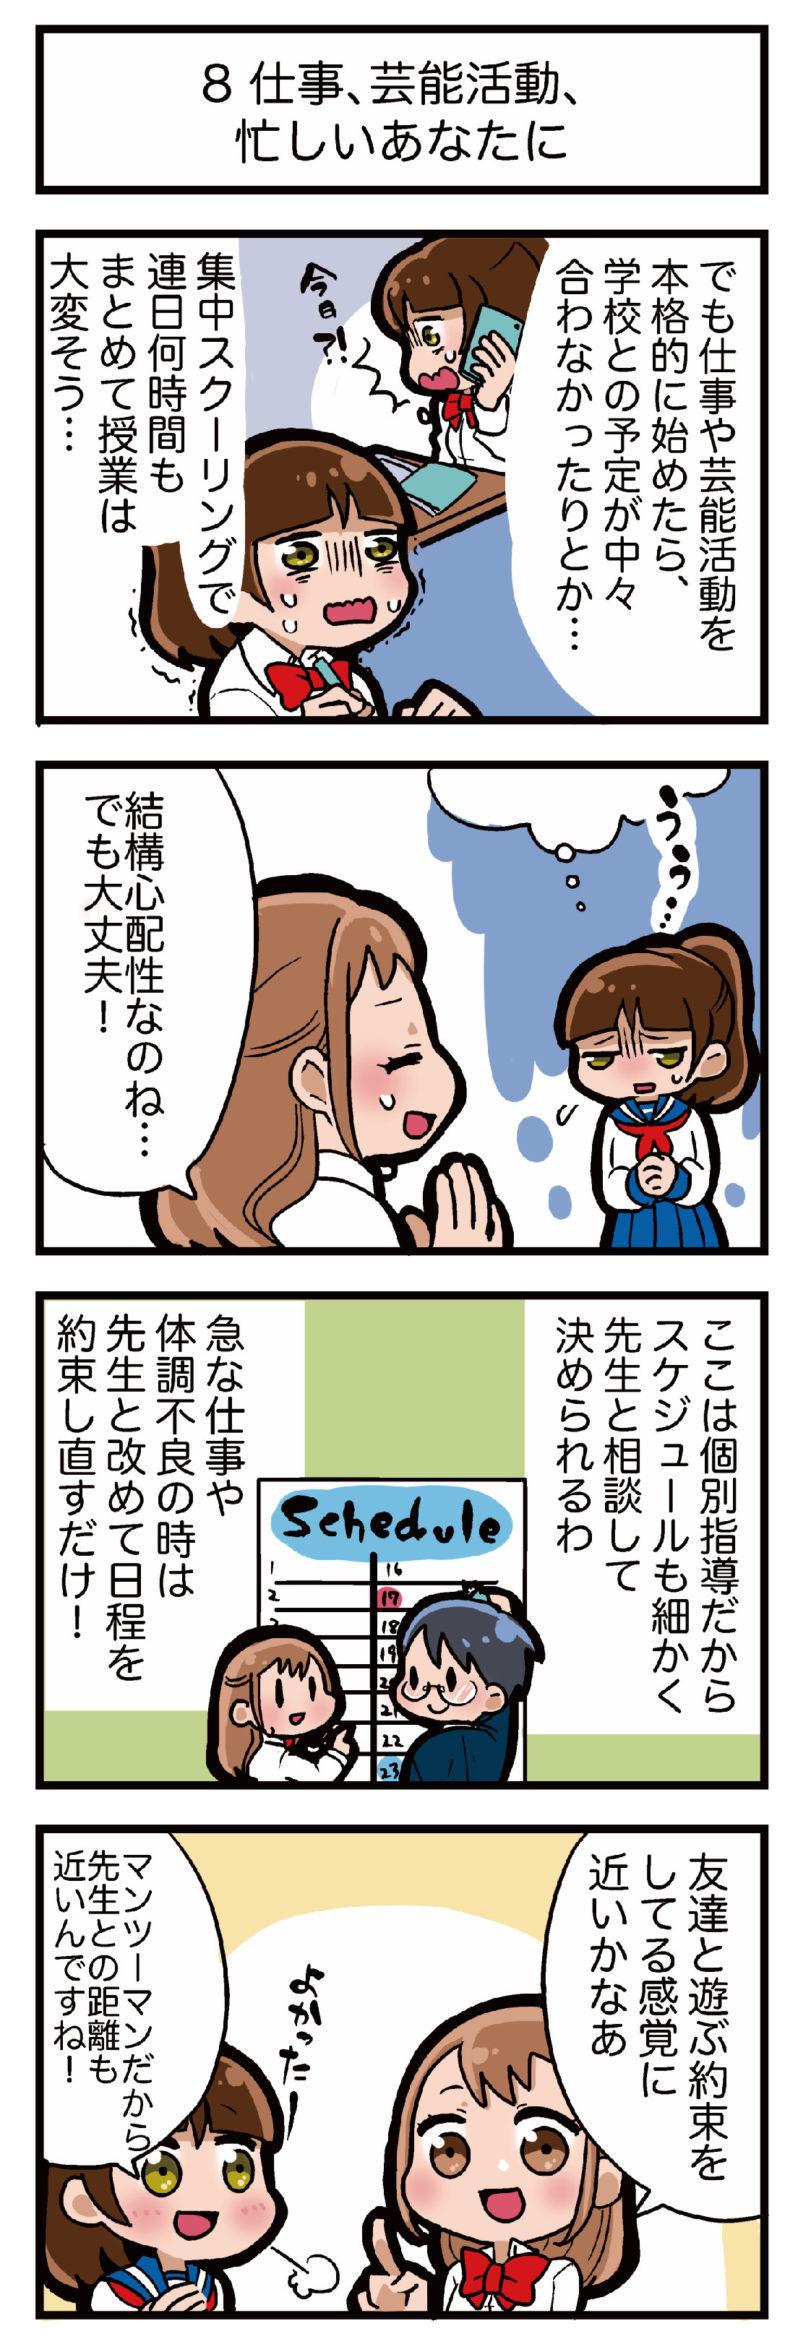 芸能活動が忙しくても精華学園高校東京ボイス校なら大丈夫